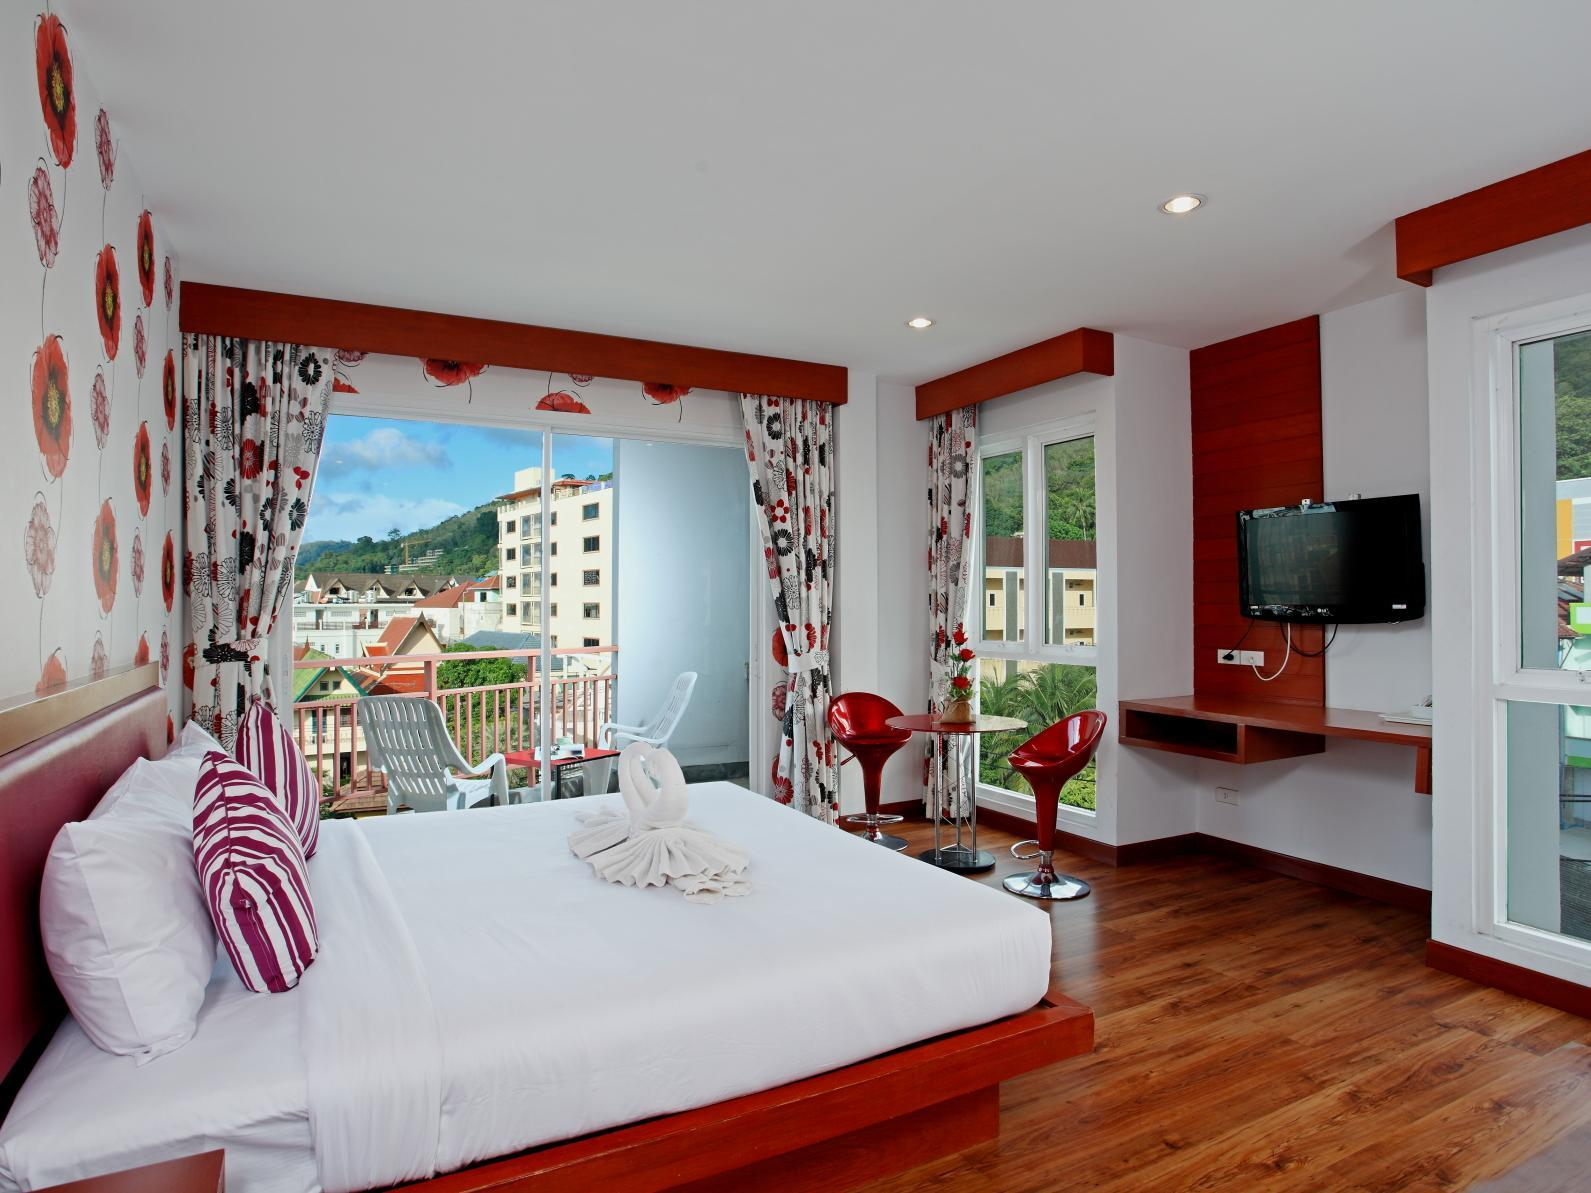 Hotell B-Bossa Patong Hotel i Patong, Phuket. Klicka för att läsa mer och skicka bokningsförfrågan